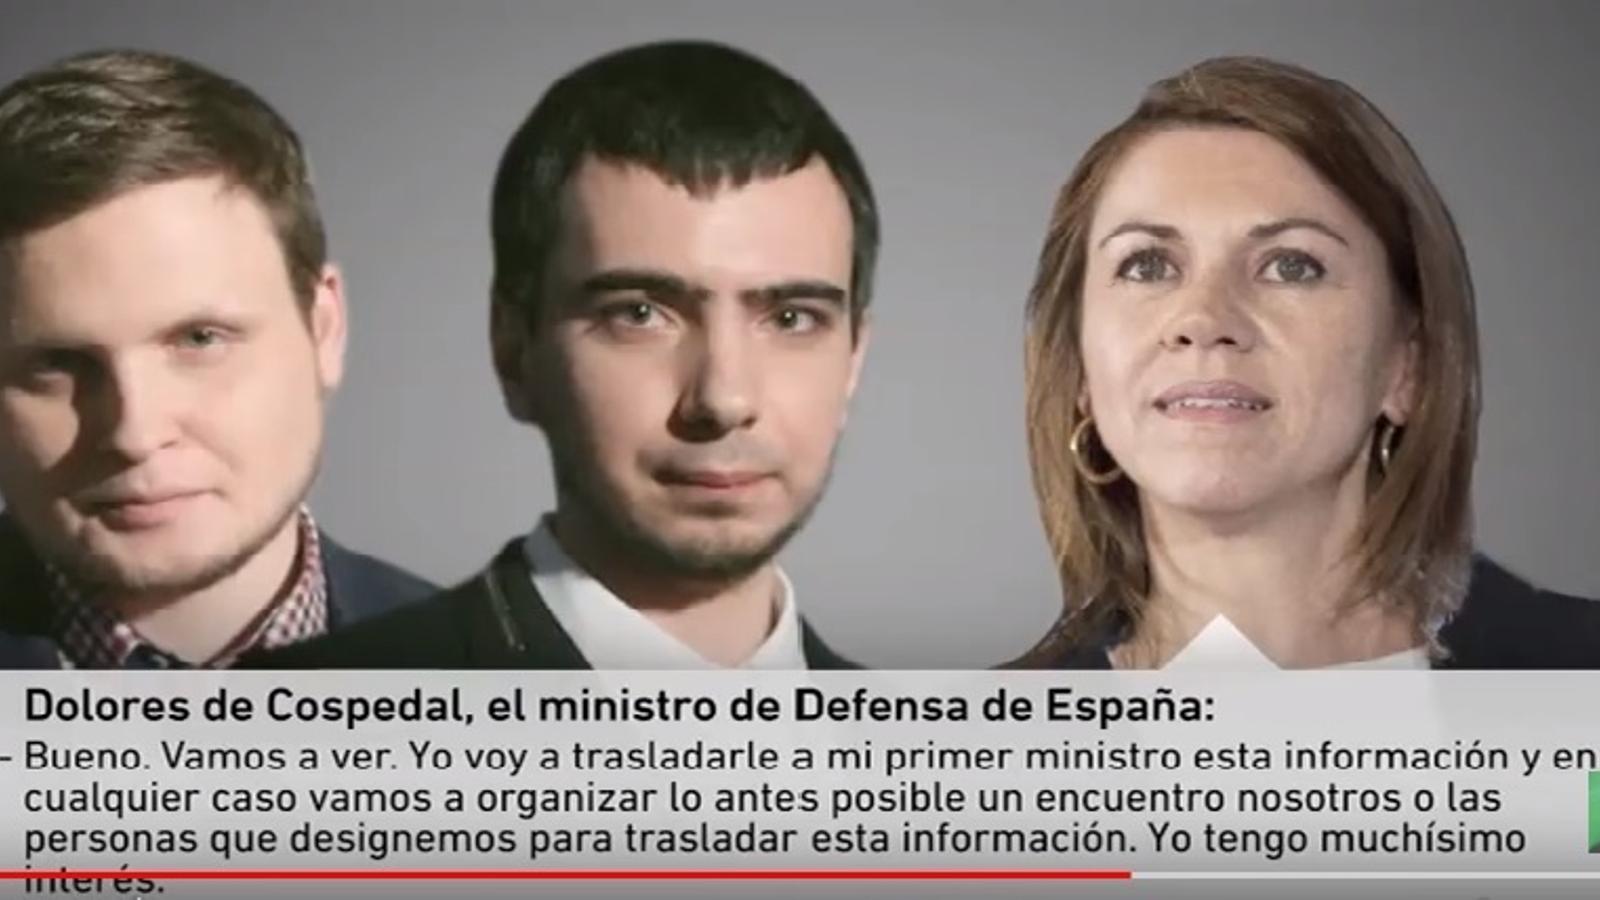 Cospedal cau de ple en una broma d'humoristes russos que es fan passar pel govern letó: creu que Puigdemont és espi